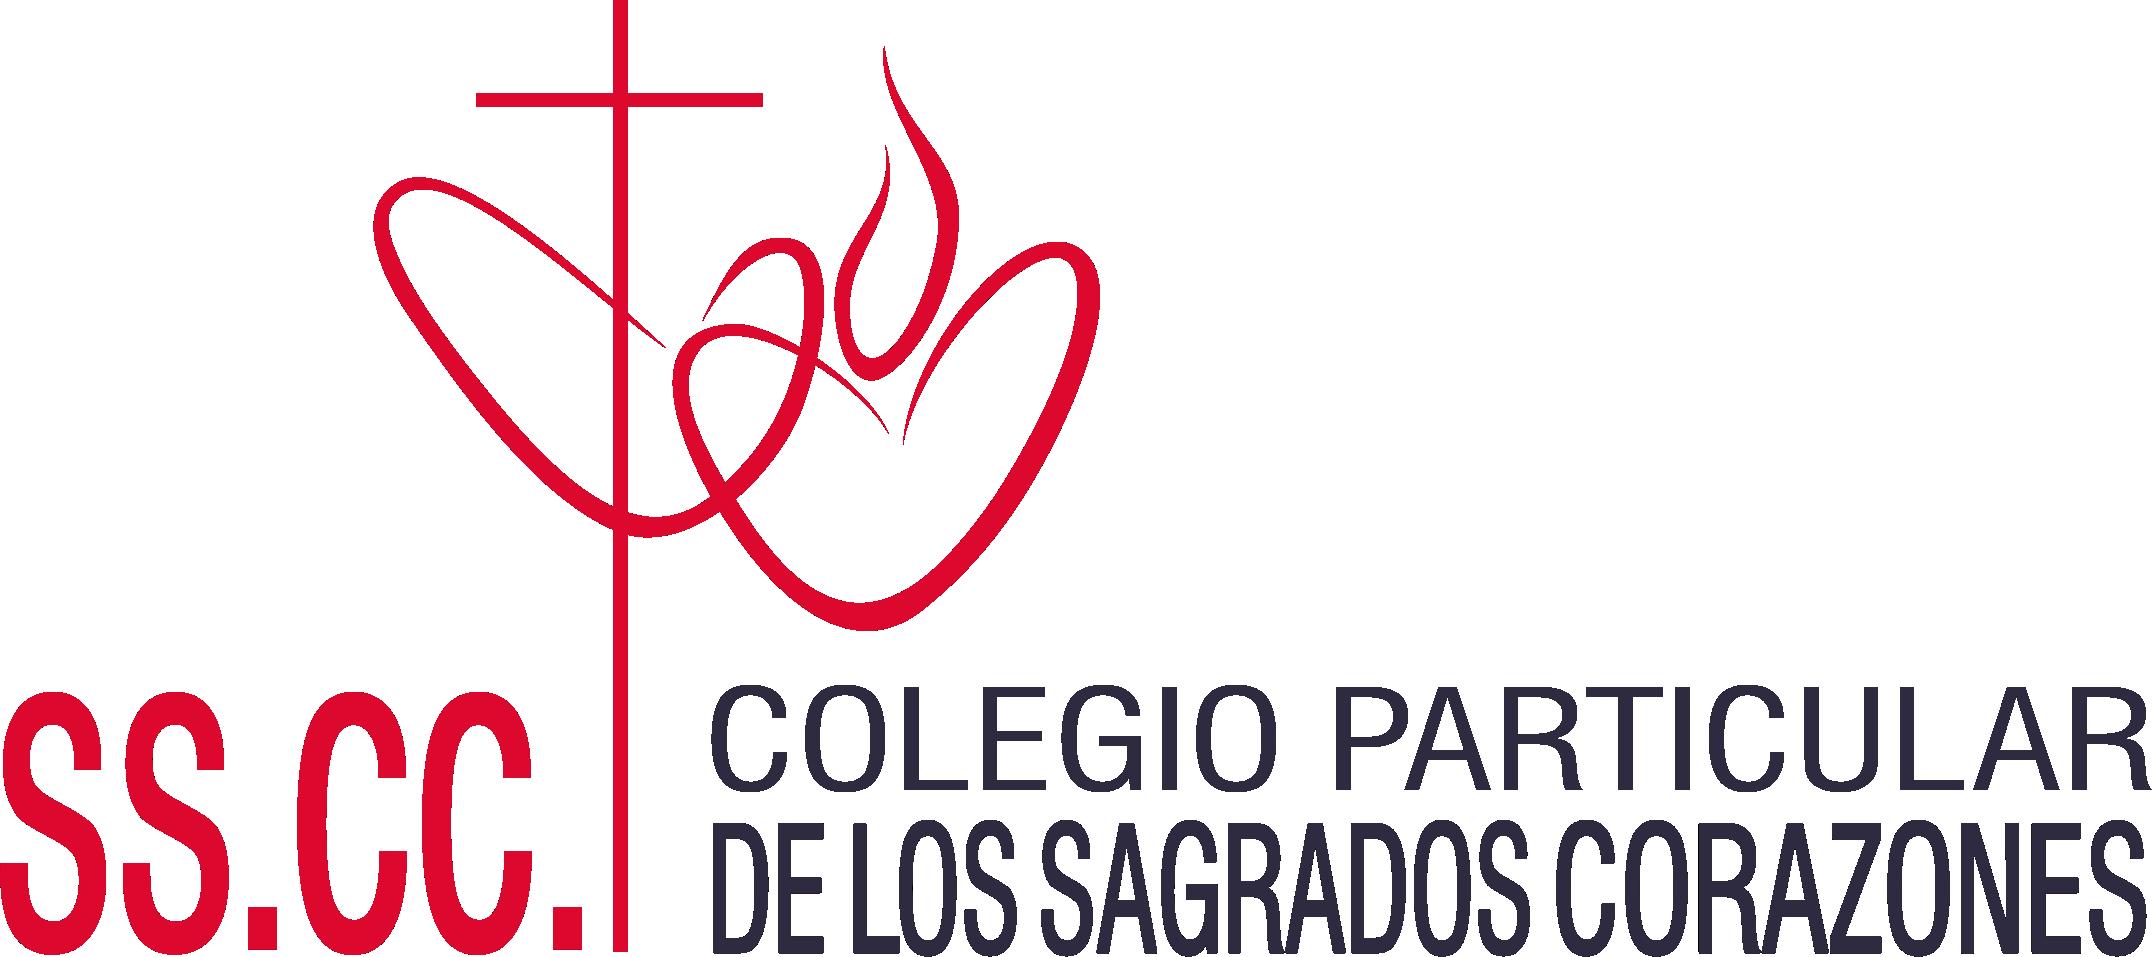 Blog de comunicación de los Sagrados Corazones